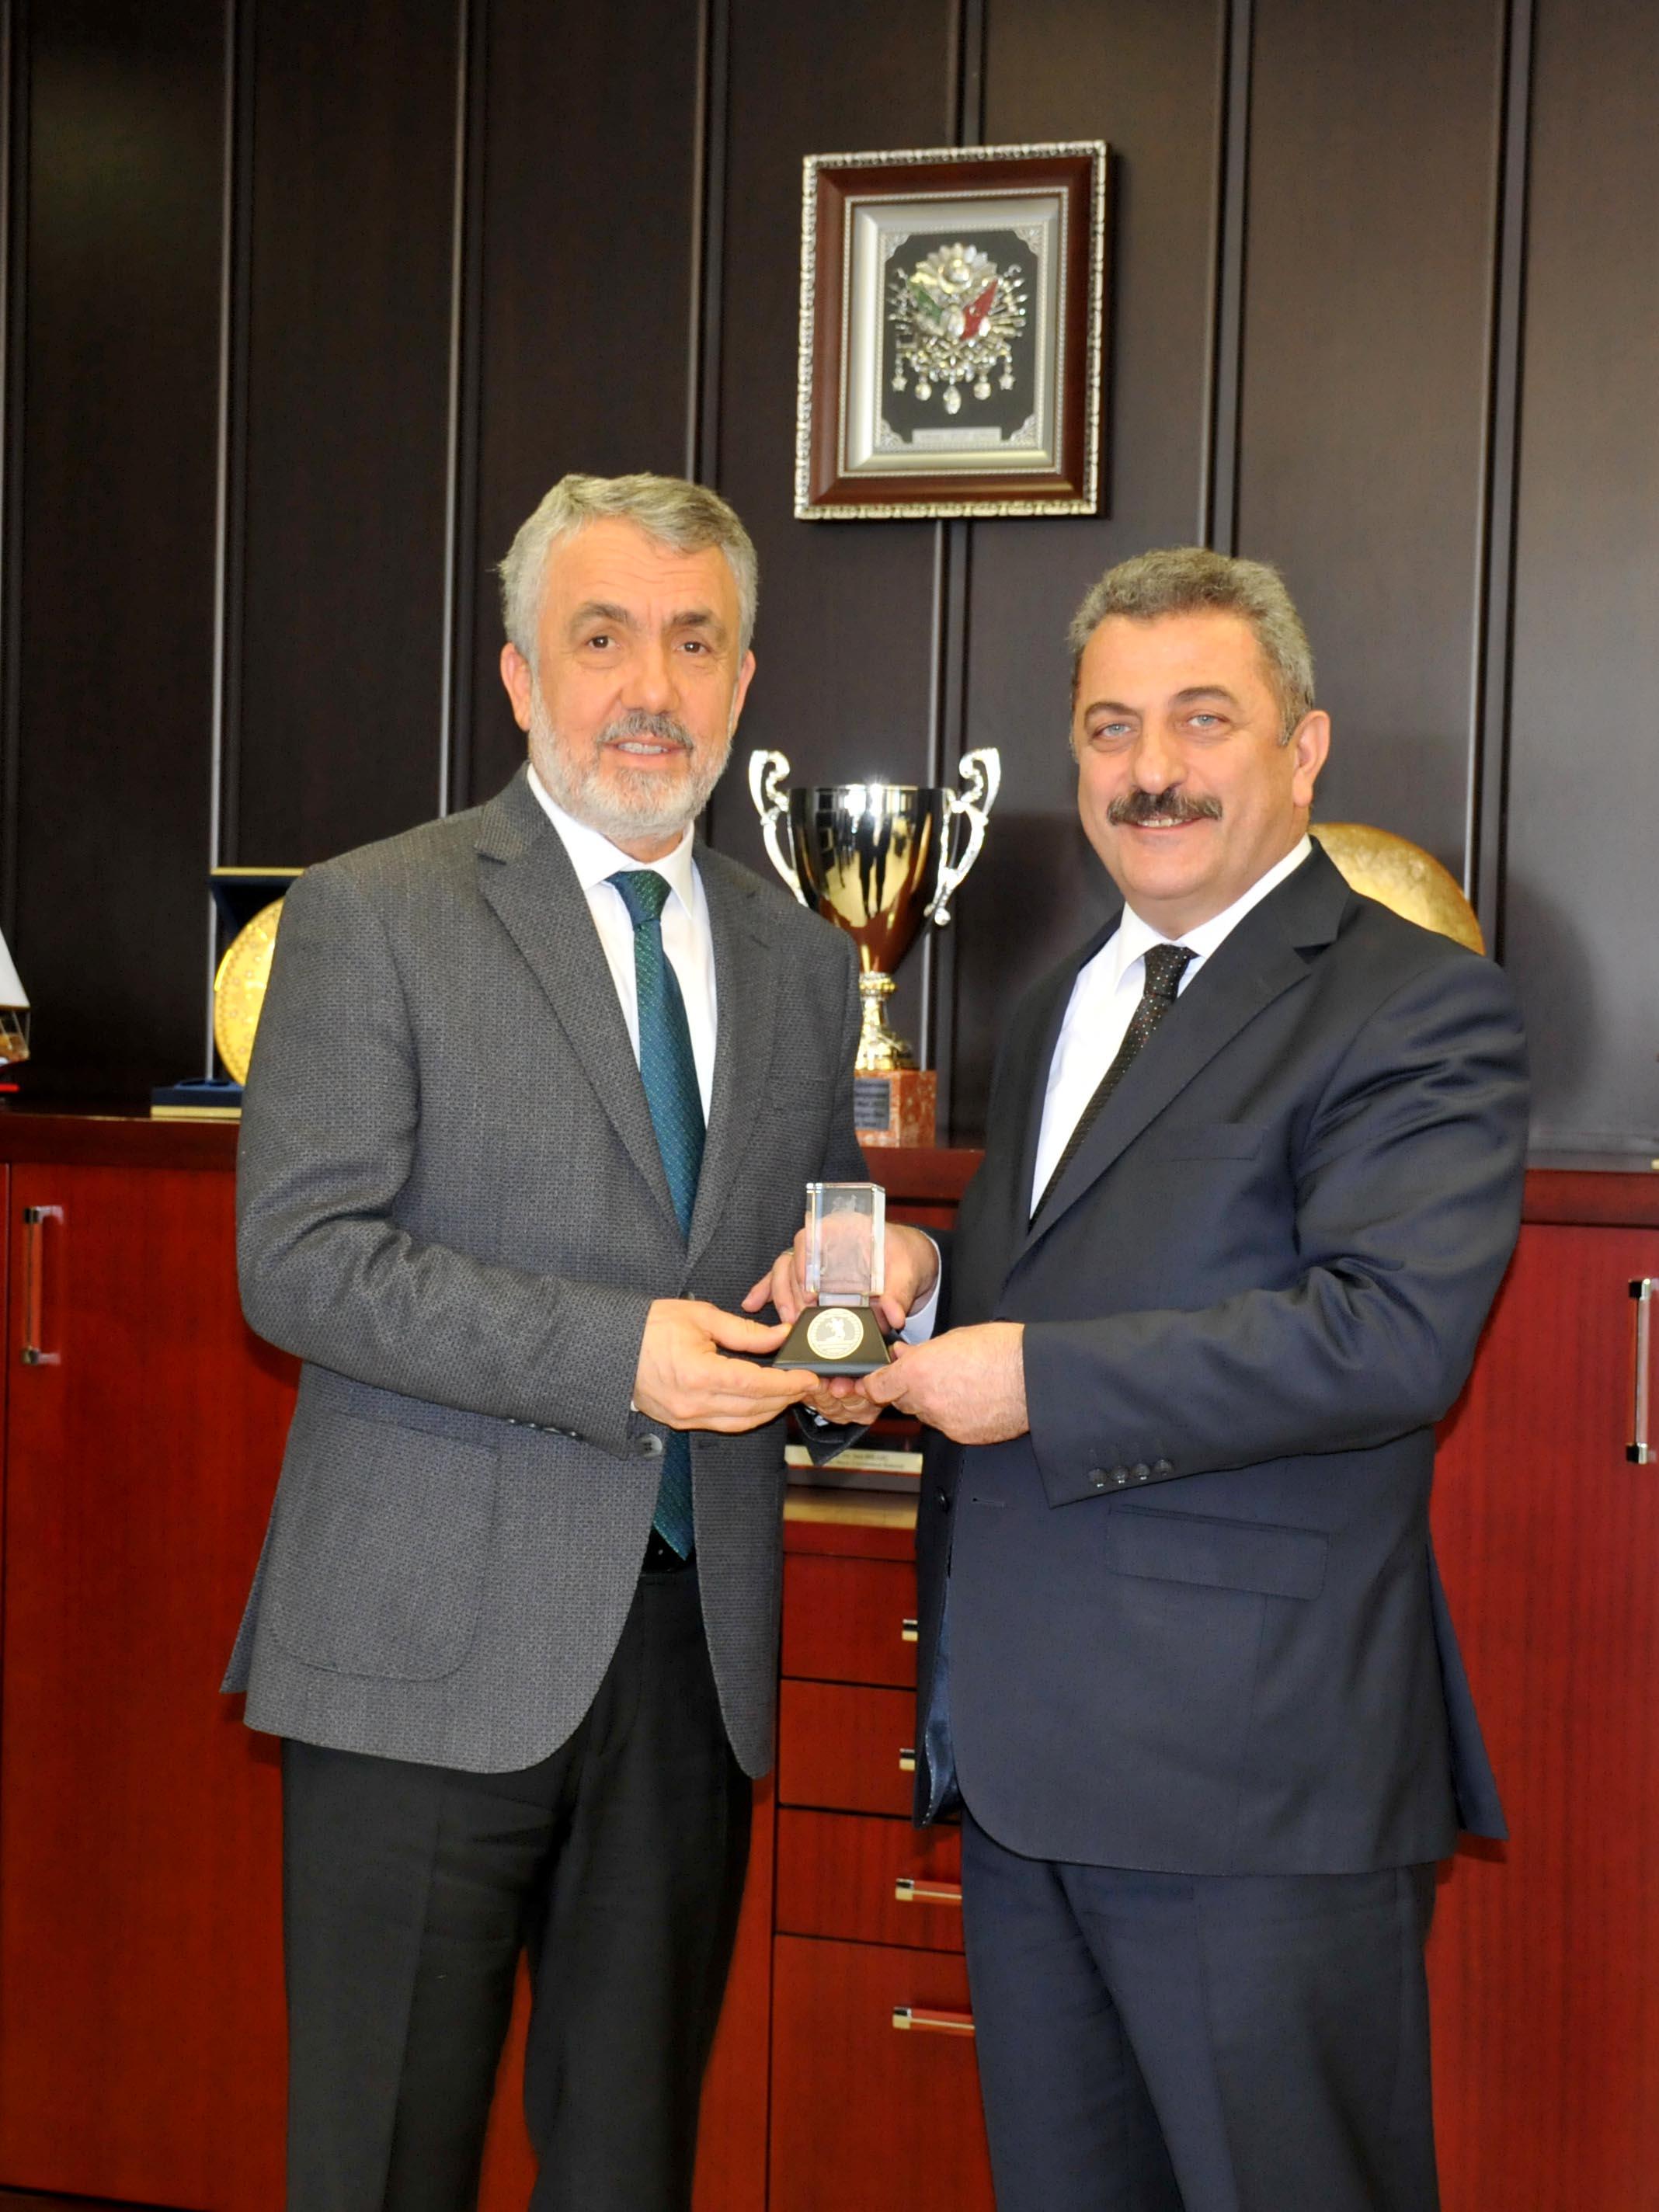 http://www.omu.edu.tr/sites/default/files/files/rektor_bilgic_yurt_disi_turkler_ve_akraba_topluluklar_baskanligi_heyetini_kabul_etti/dsc_0175.jpg